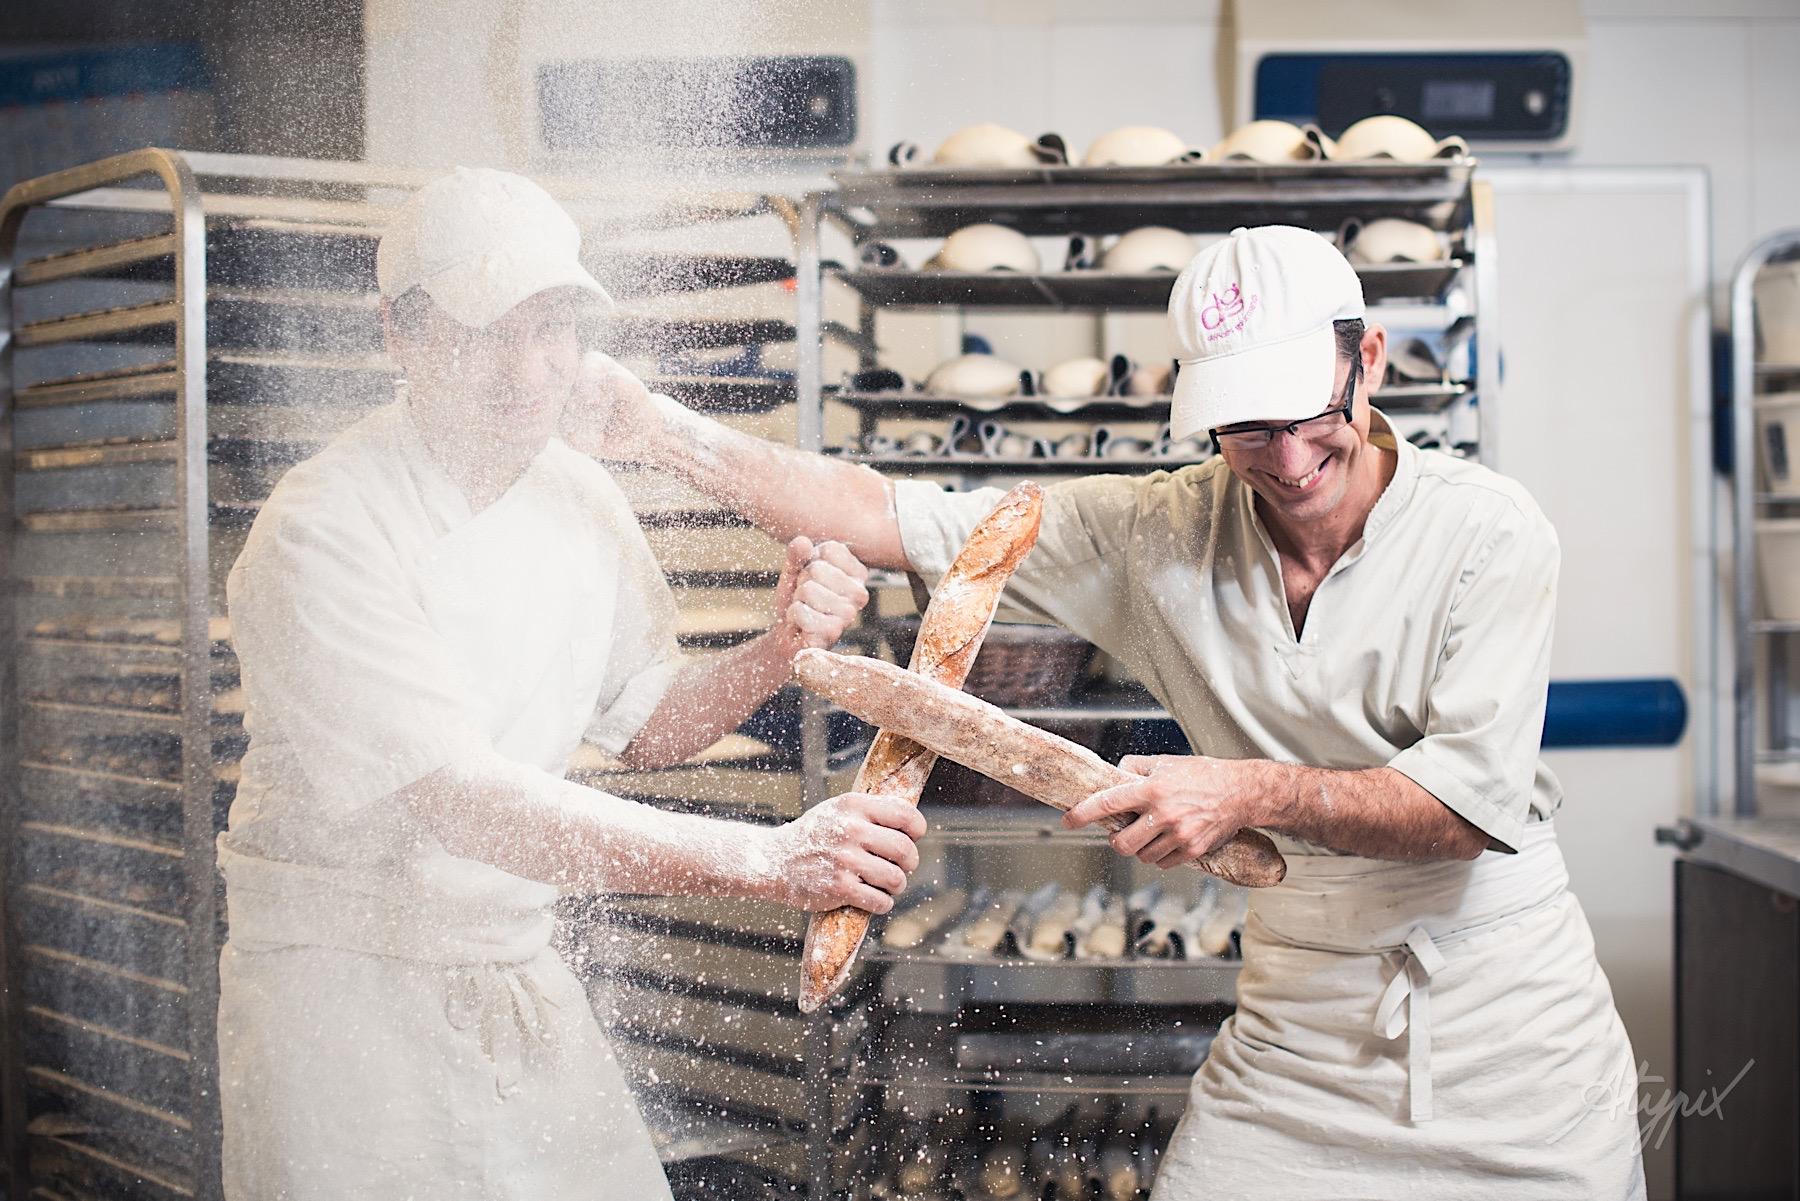 équipe boulangerie ambiance